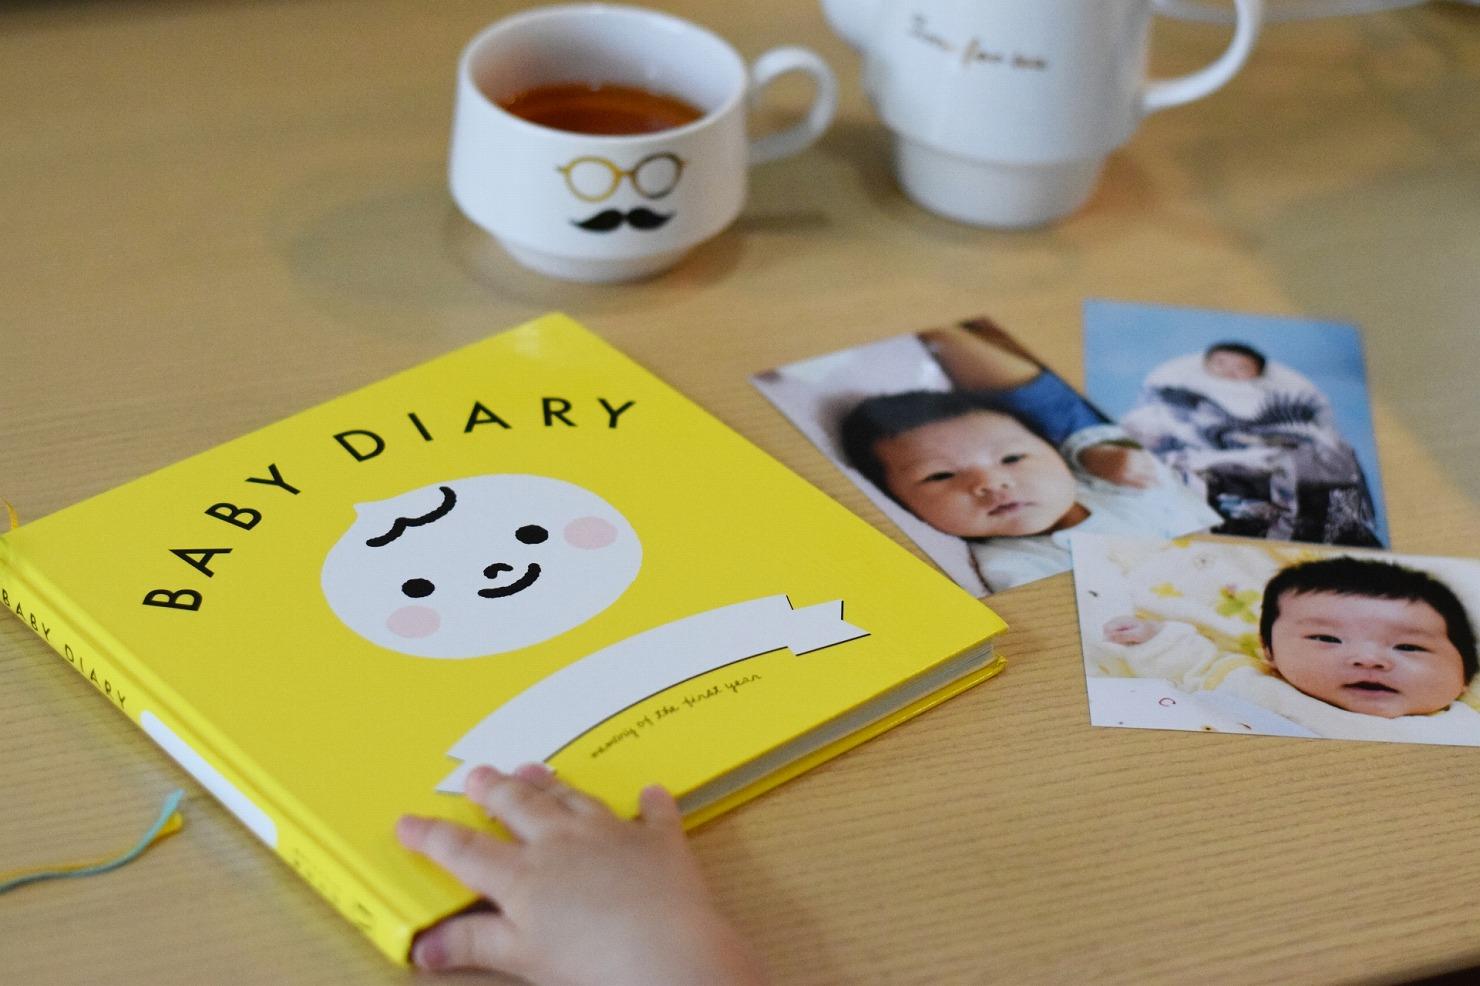 育児日記の選び方とおすすめ12選!赤ちゃんの成長を手書きで記録しよう